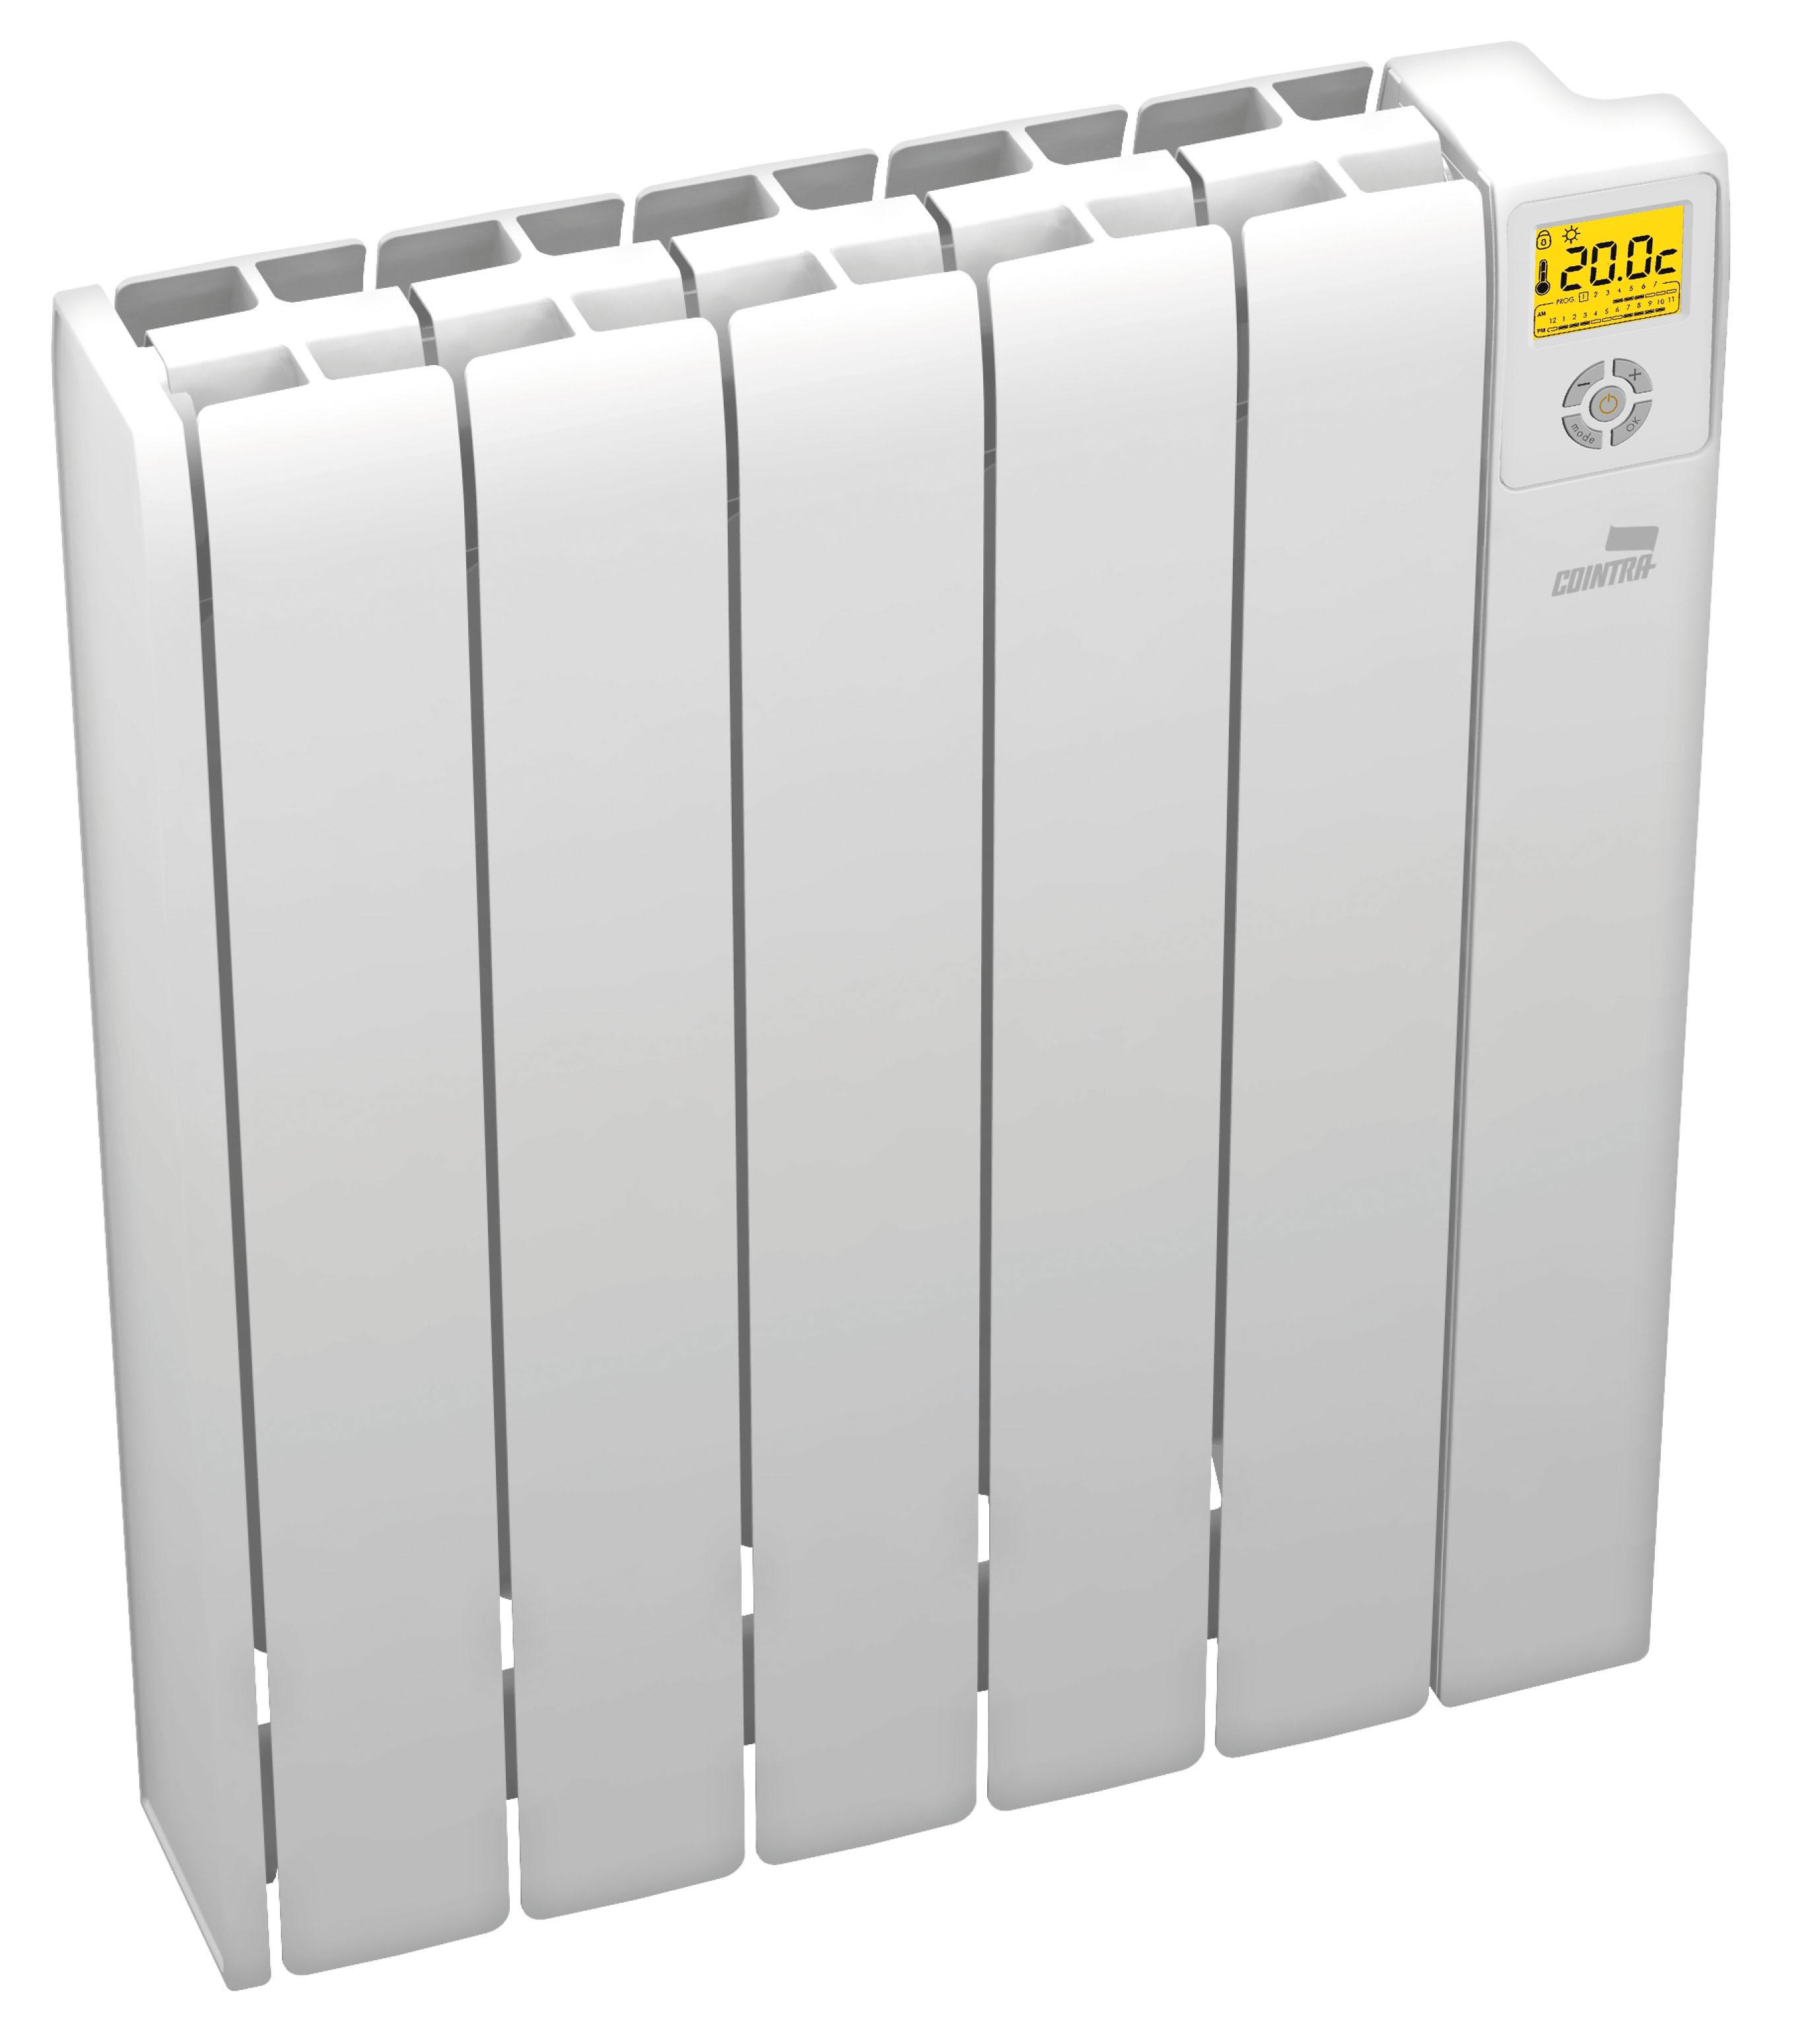 Ventajas de los radiadores el ctricos - Radiadores electricos pared ...